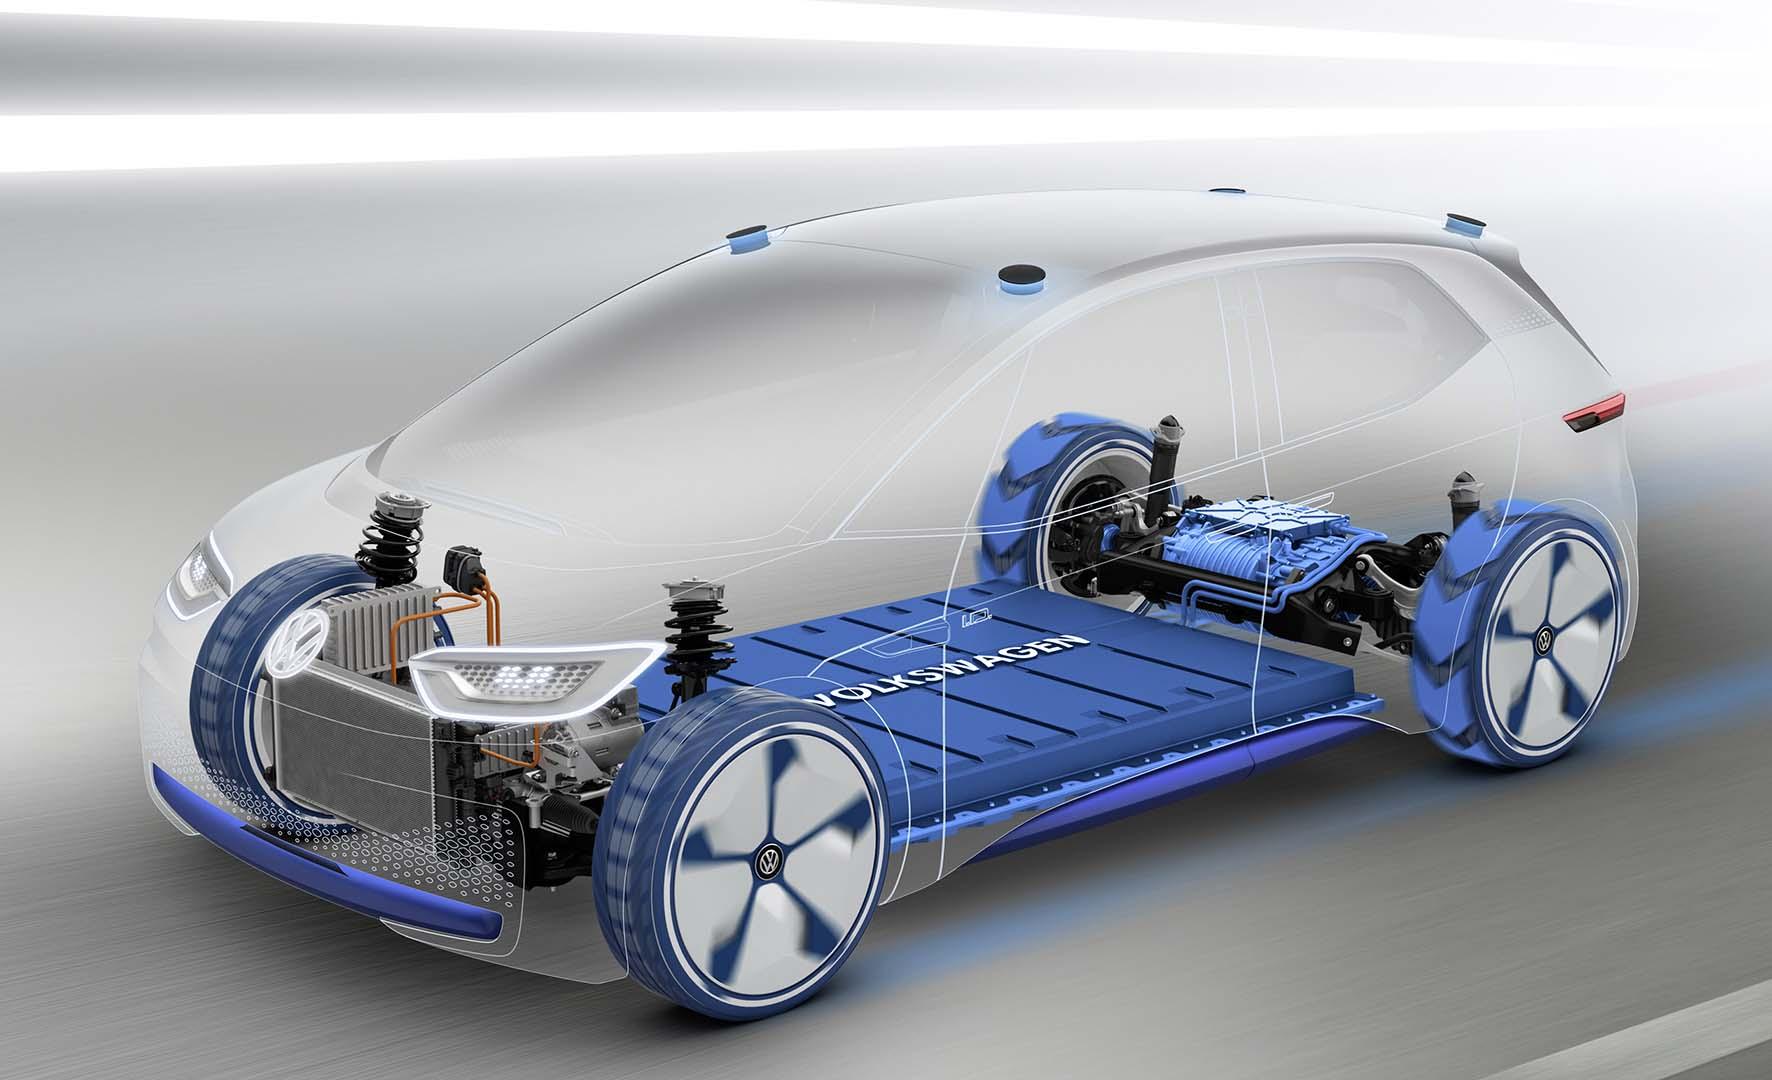 Volkswagen prototipo elettrico ID trasparenza batteria e organi meccanici 2